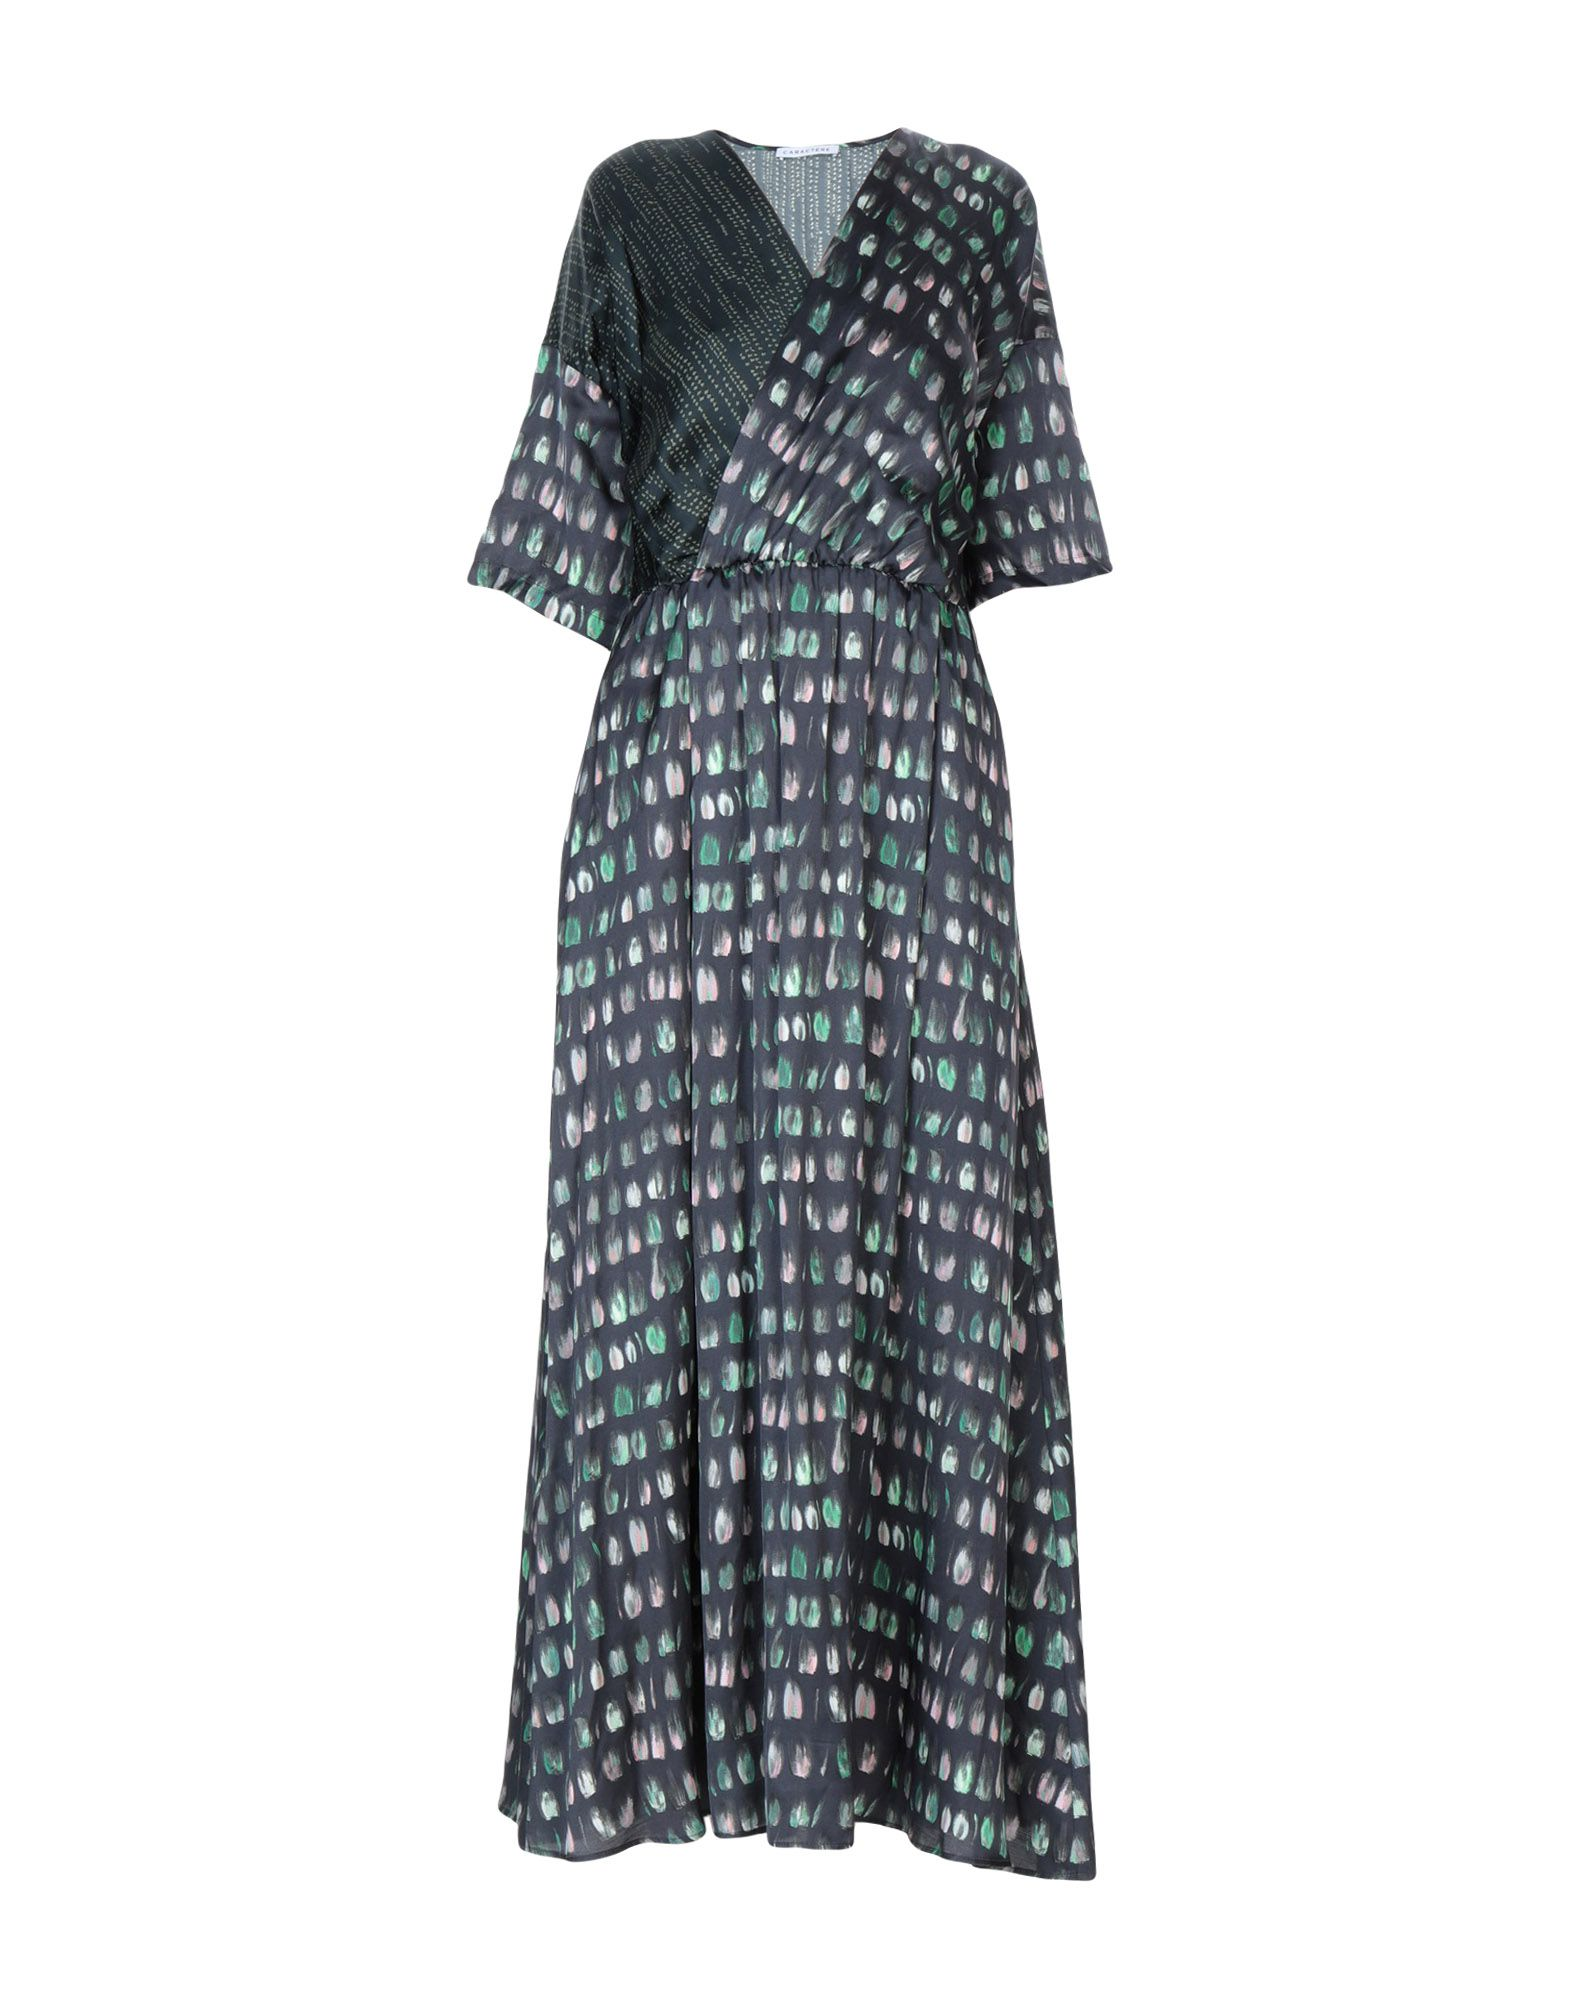 CARACTÈRE Длинное платье hitorat платье элегантной моды юбка 2015 осень зима новый стиль длинное платье рукав